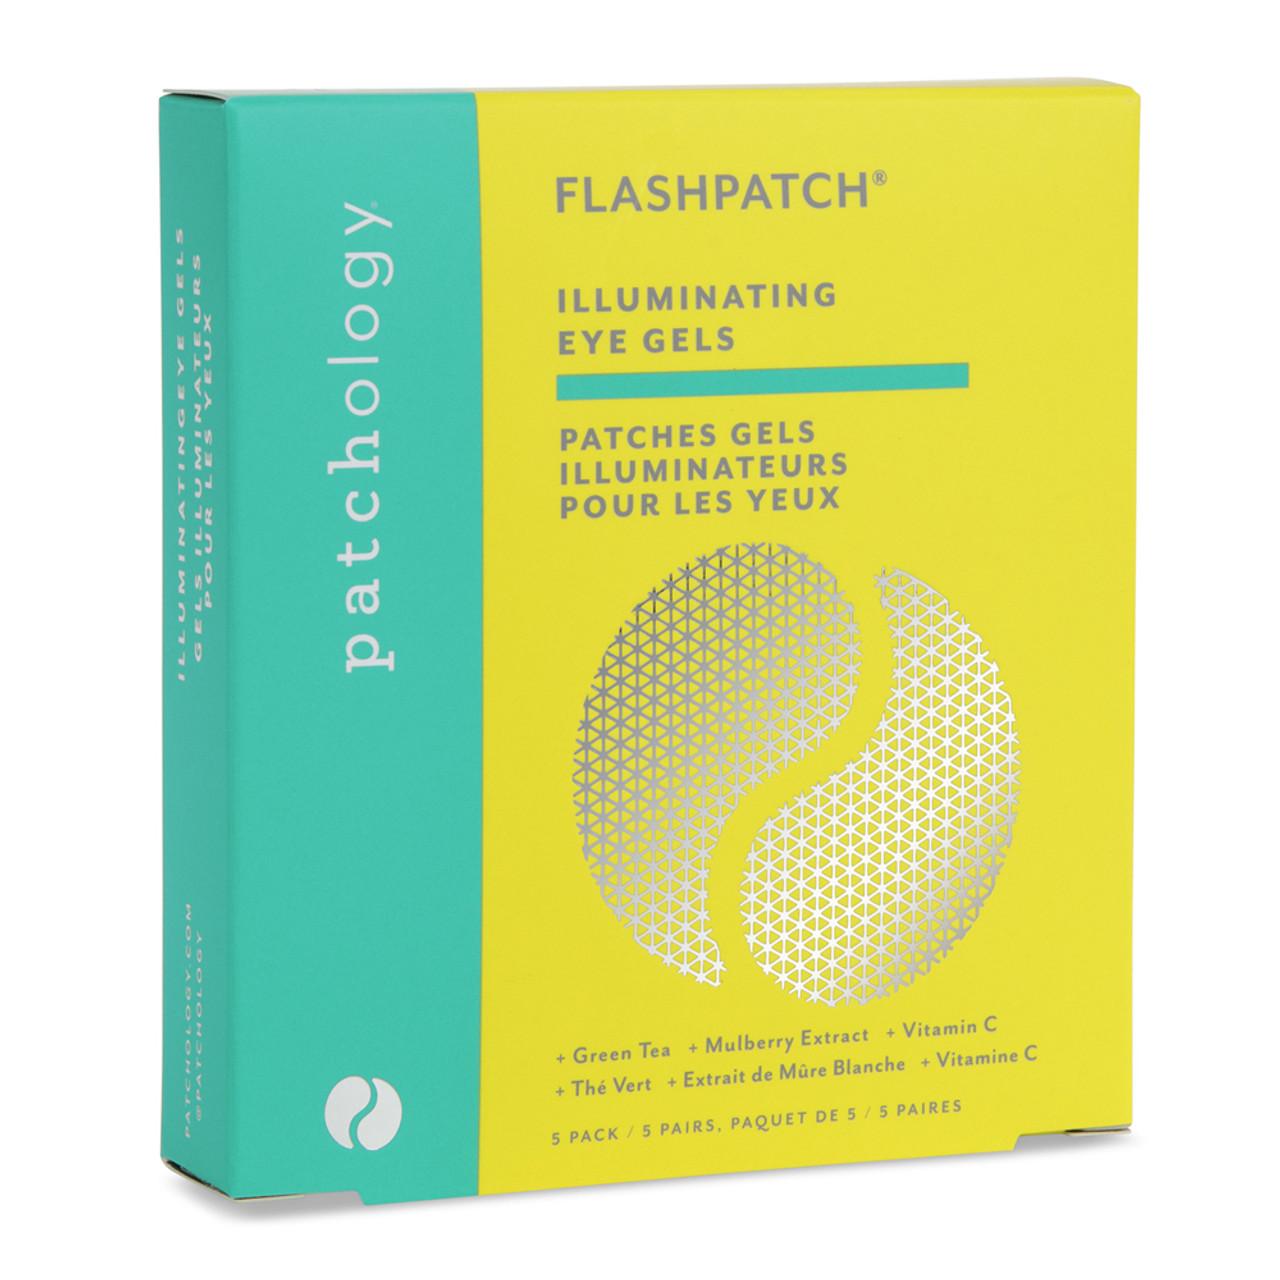 Patchology FlashPatch Illuminating Eye Gels (5 Pairs)